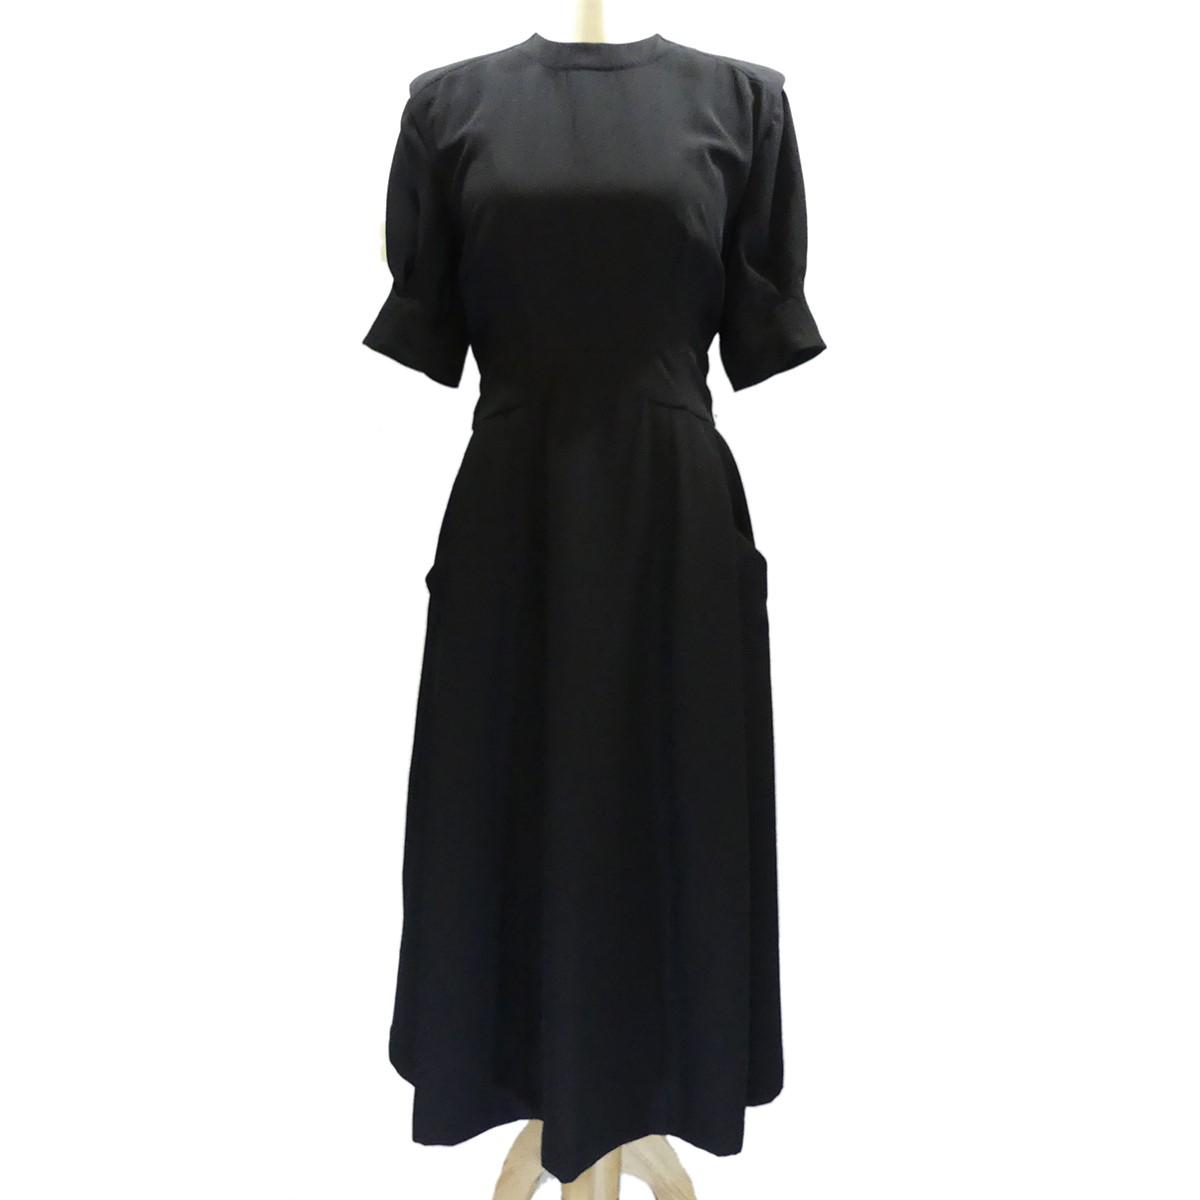 【中古】TOGA 2018SS バッグデザインドレス ロングワンピース ブラック サイズ:36 【230420】(トーガ)